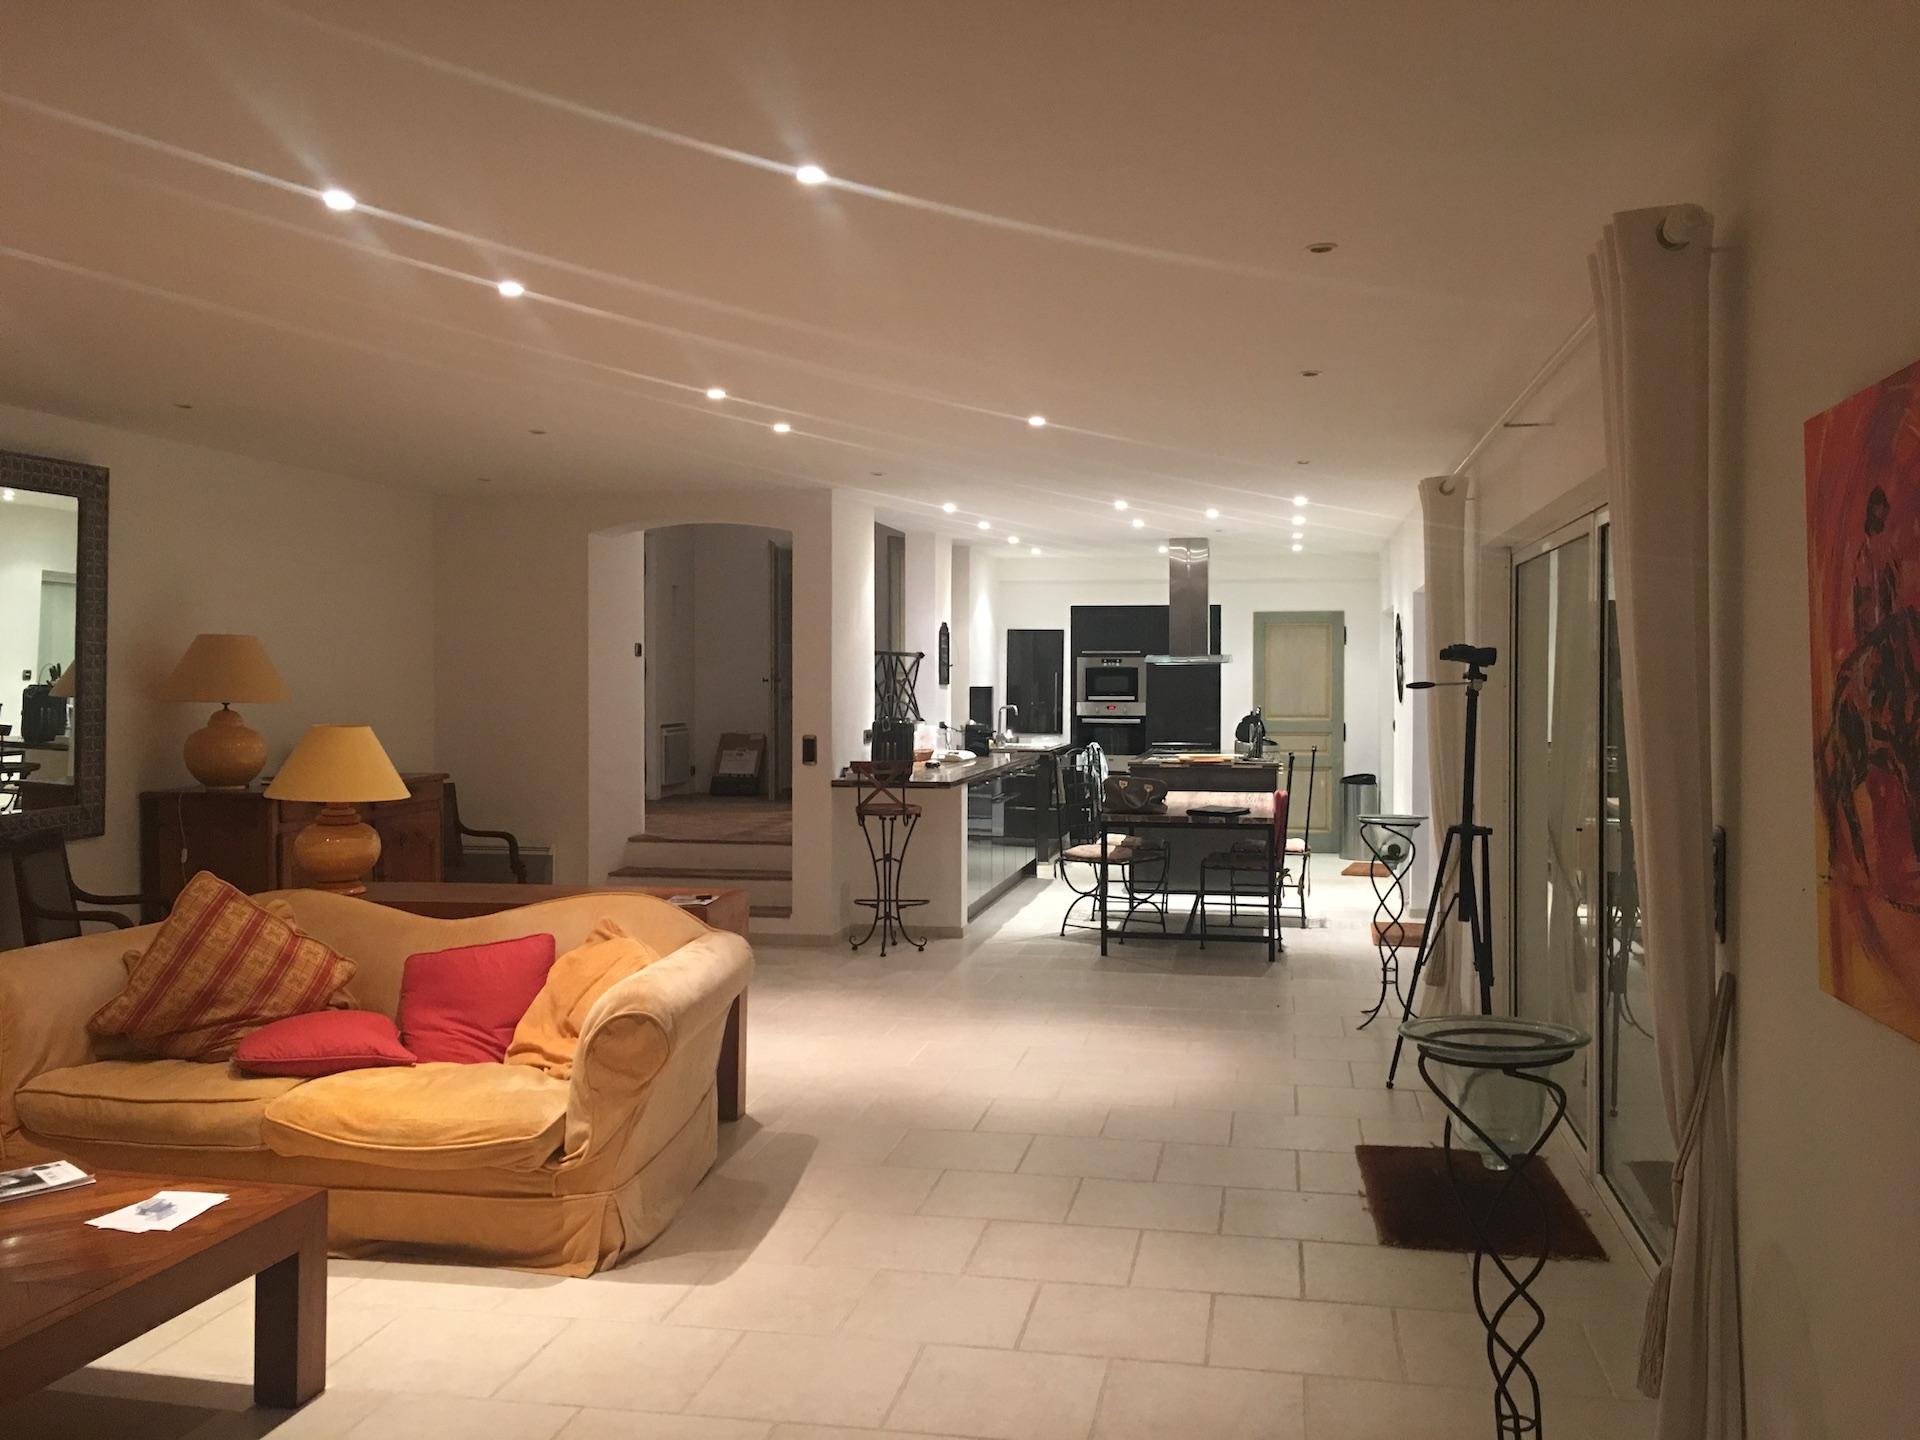 Décoration-cuisine-salon-Sainte-Maxime-architecte-interieur-var7